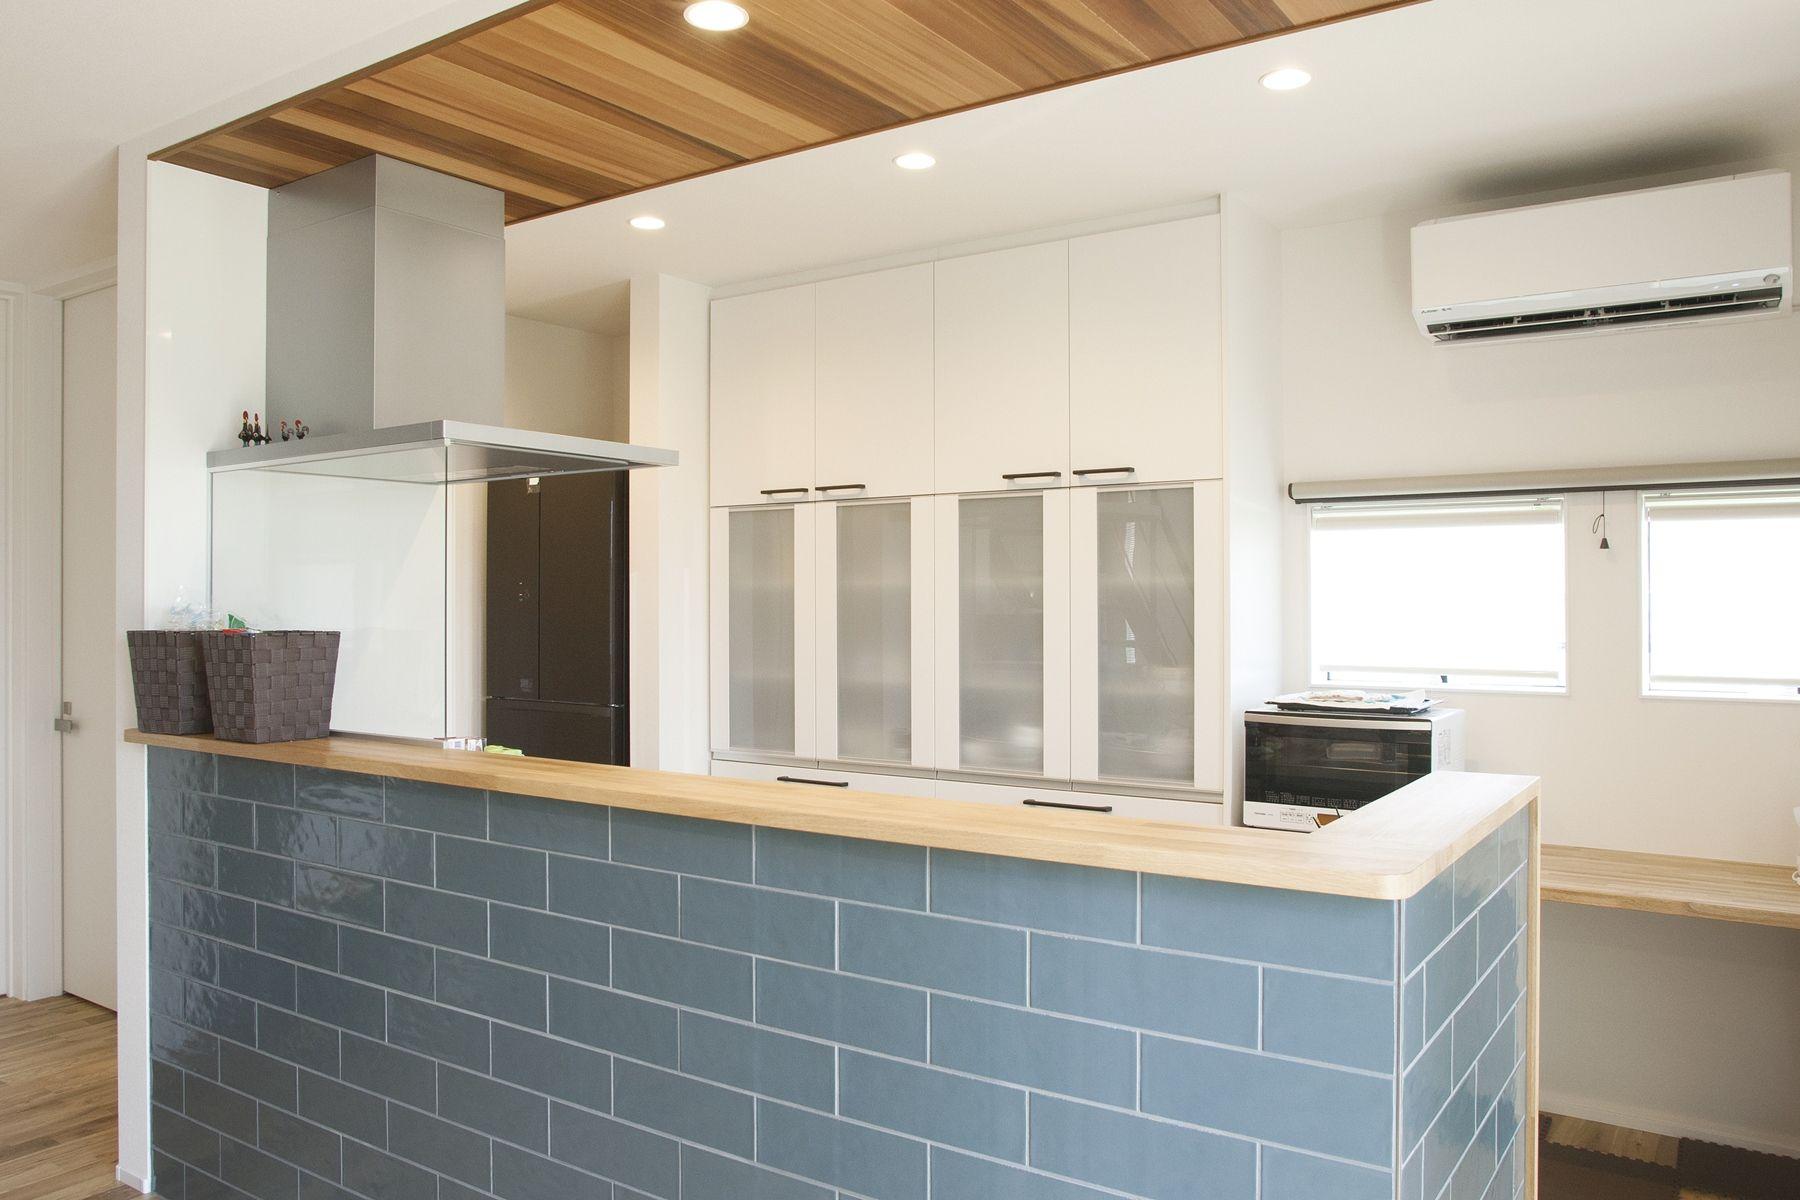 天井に貼ったレッドシダーがよく映える キッチン レッドシダー